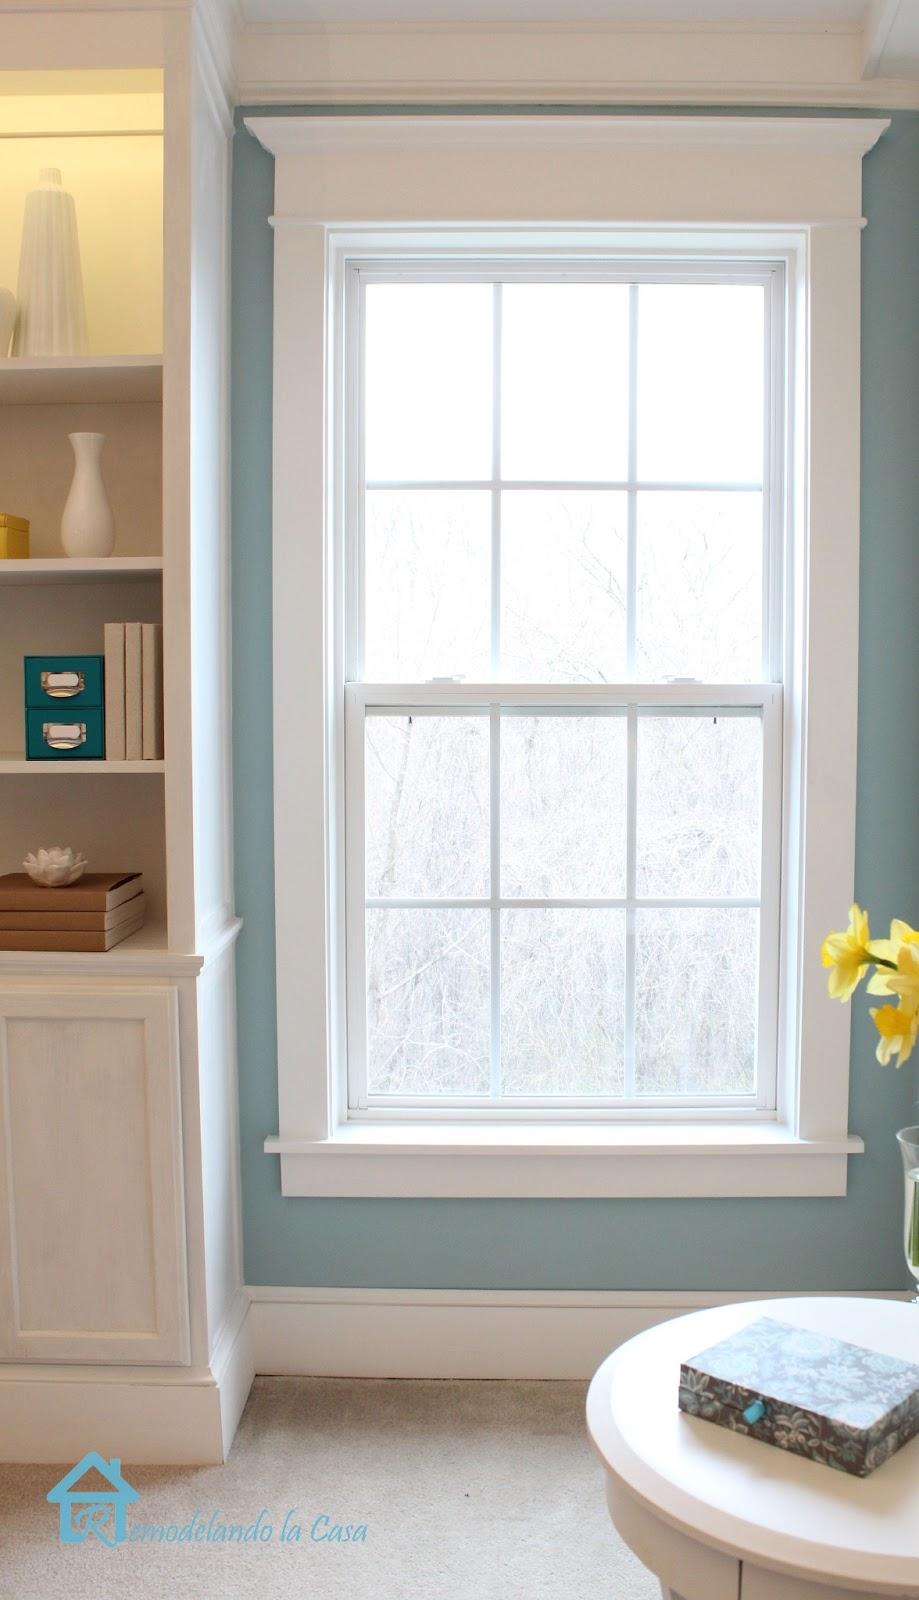 How to install window trim remodelando la casa - How to replace exterior window trim ...